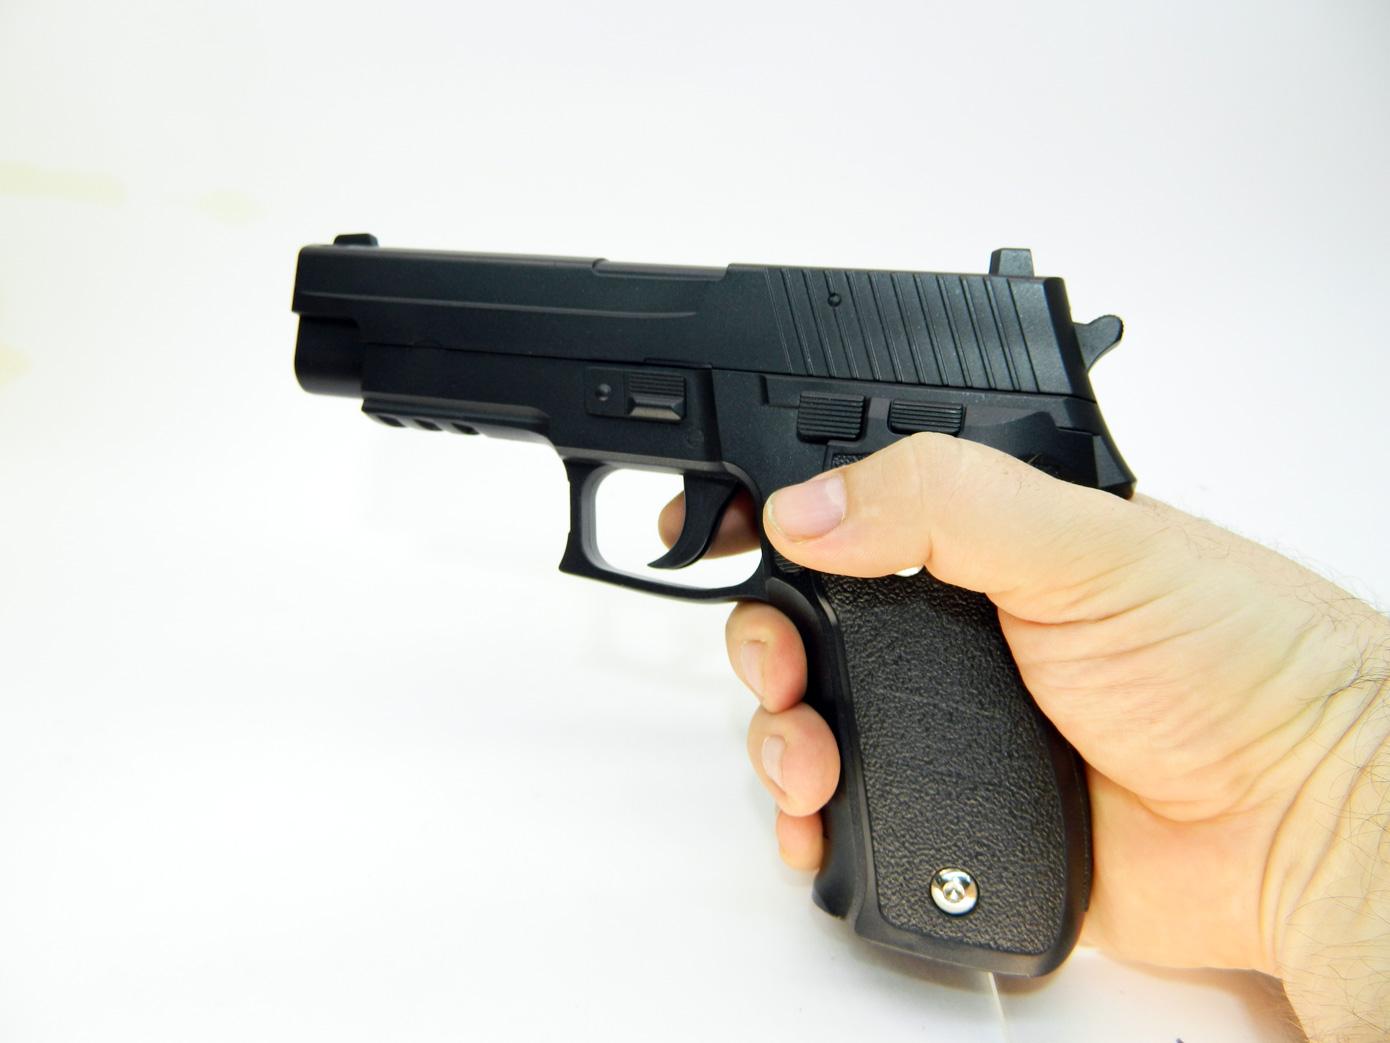 Sig P226 масштаб 1:1 изображение 4